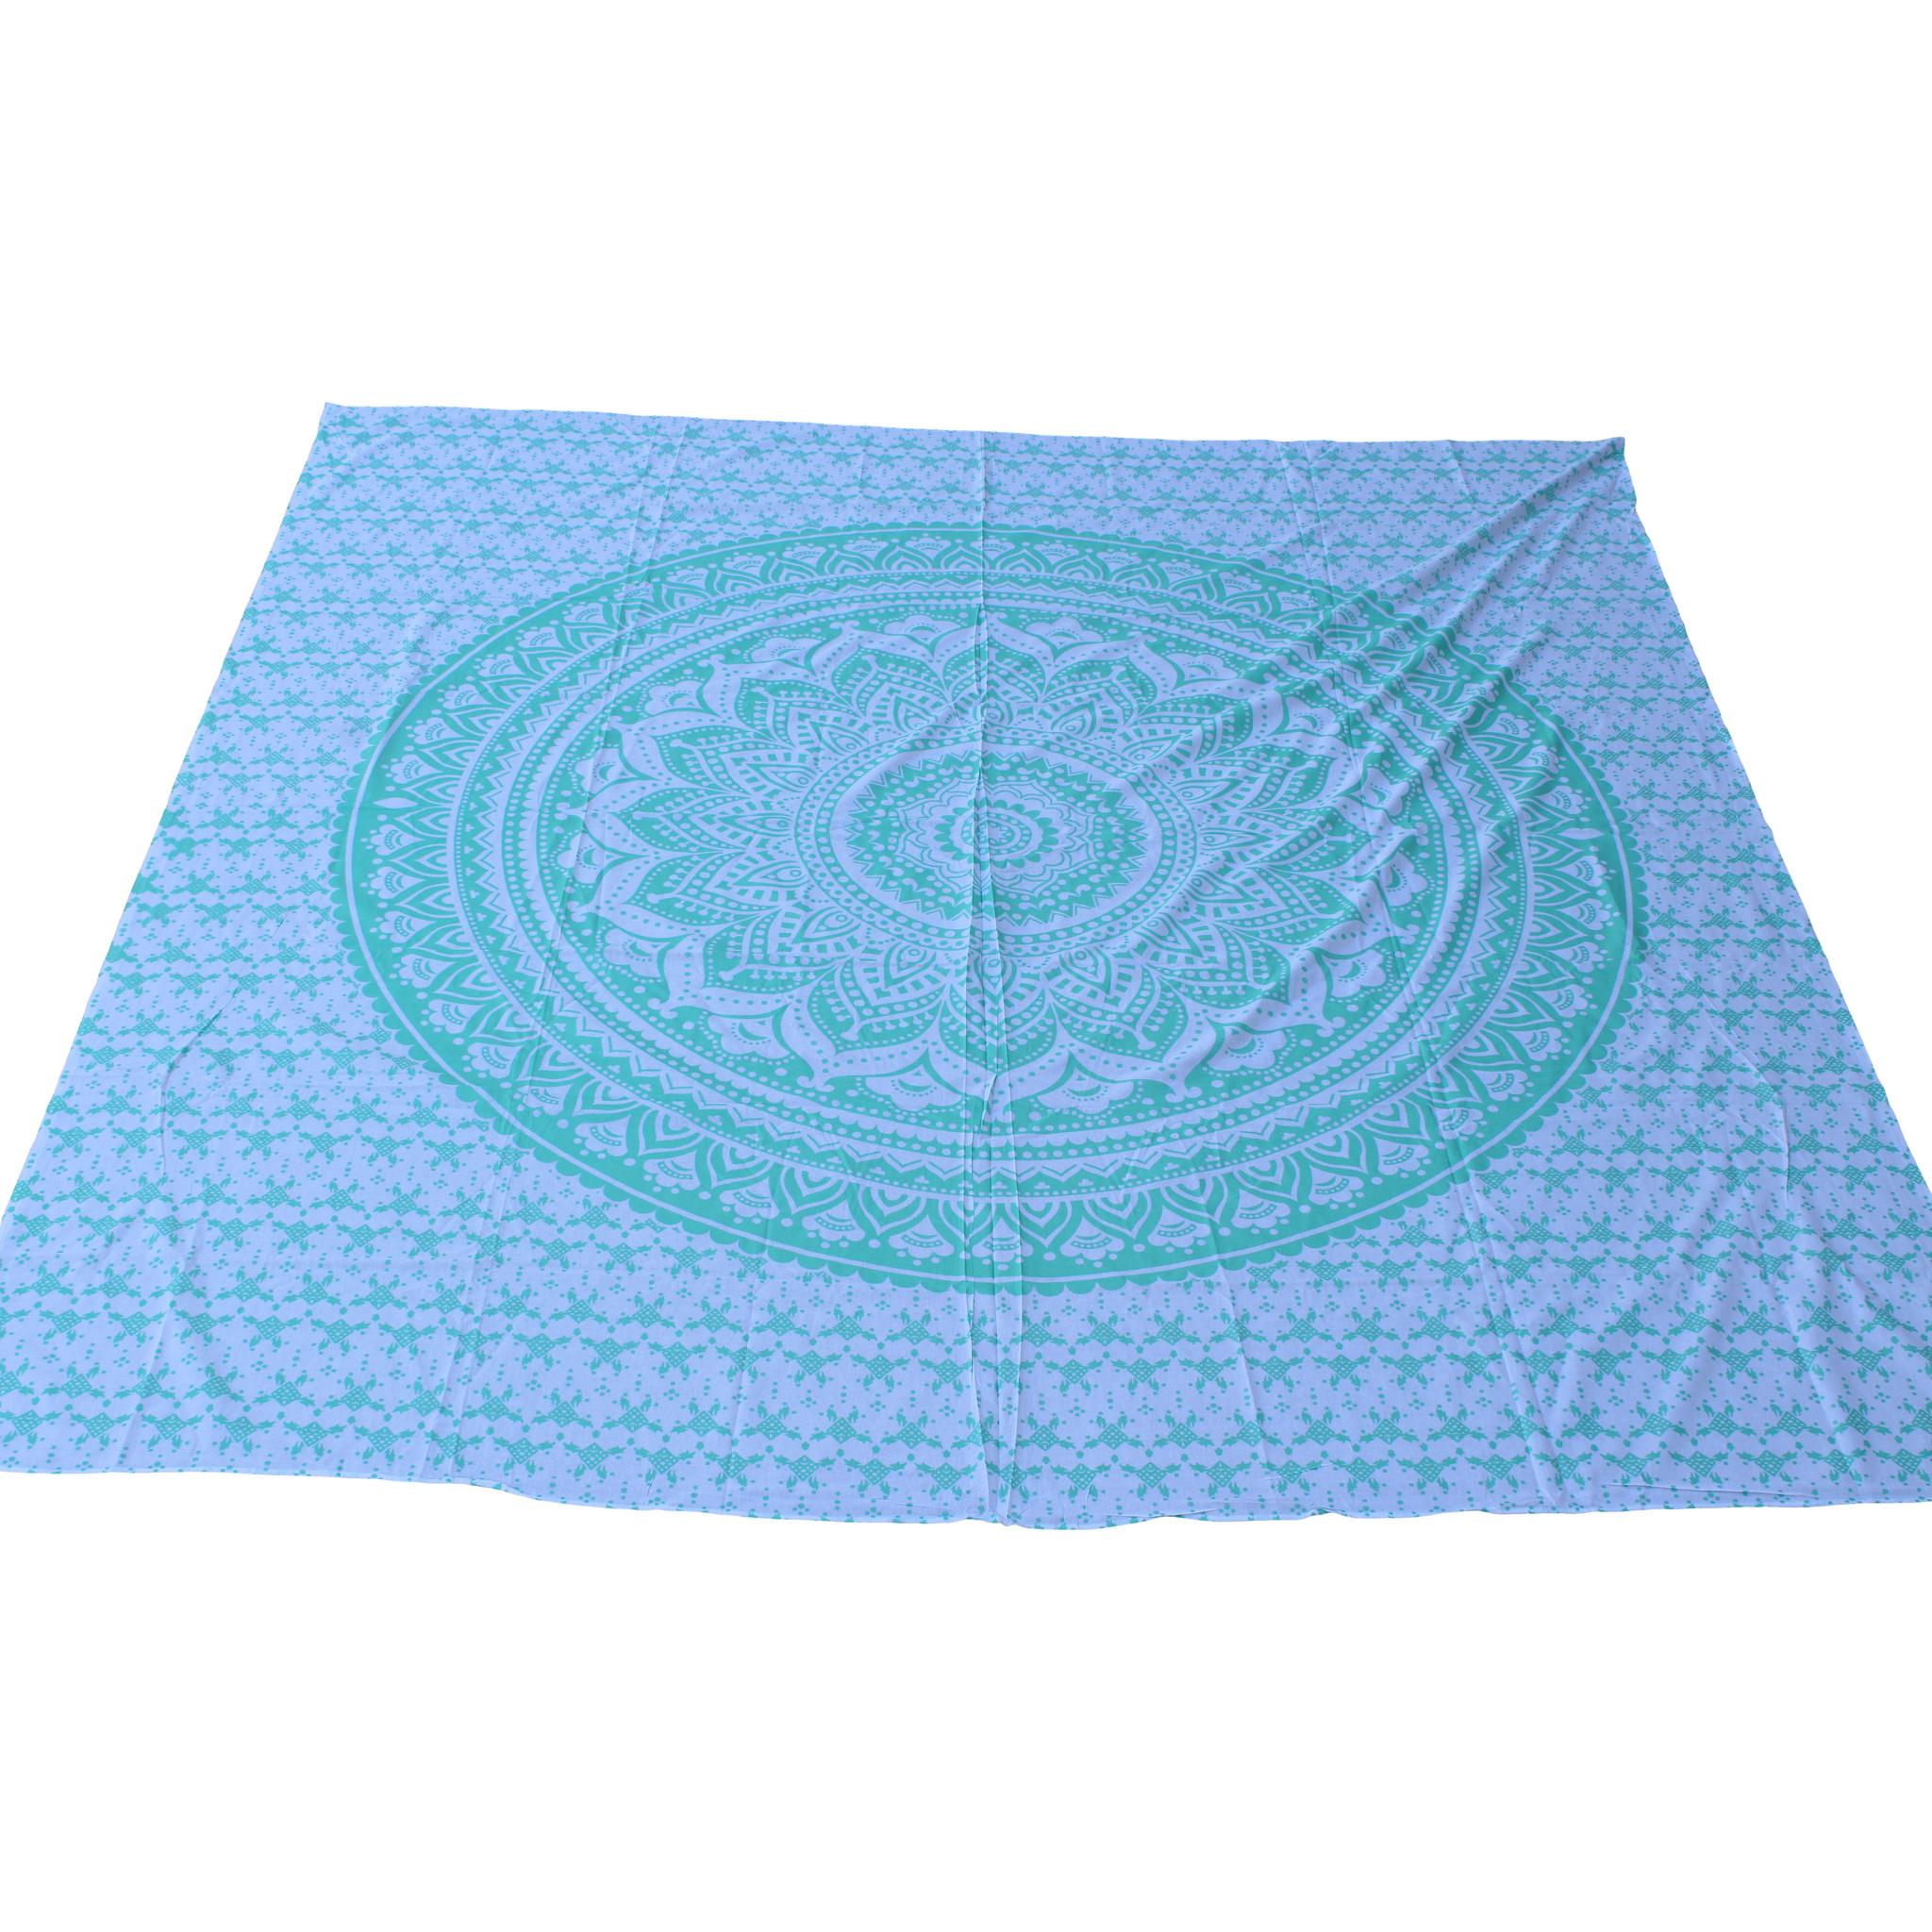 Myroundie Myroundie - roundie - vierkant strandlaken XL – yoga kleed- speelkleed - picknickkleed -100% katoen – Q45